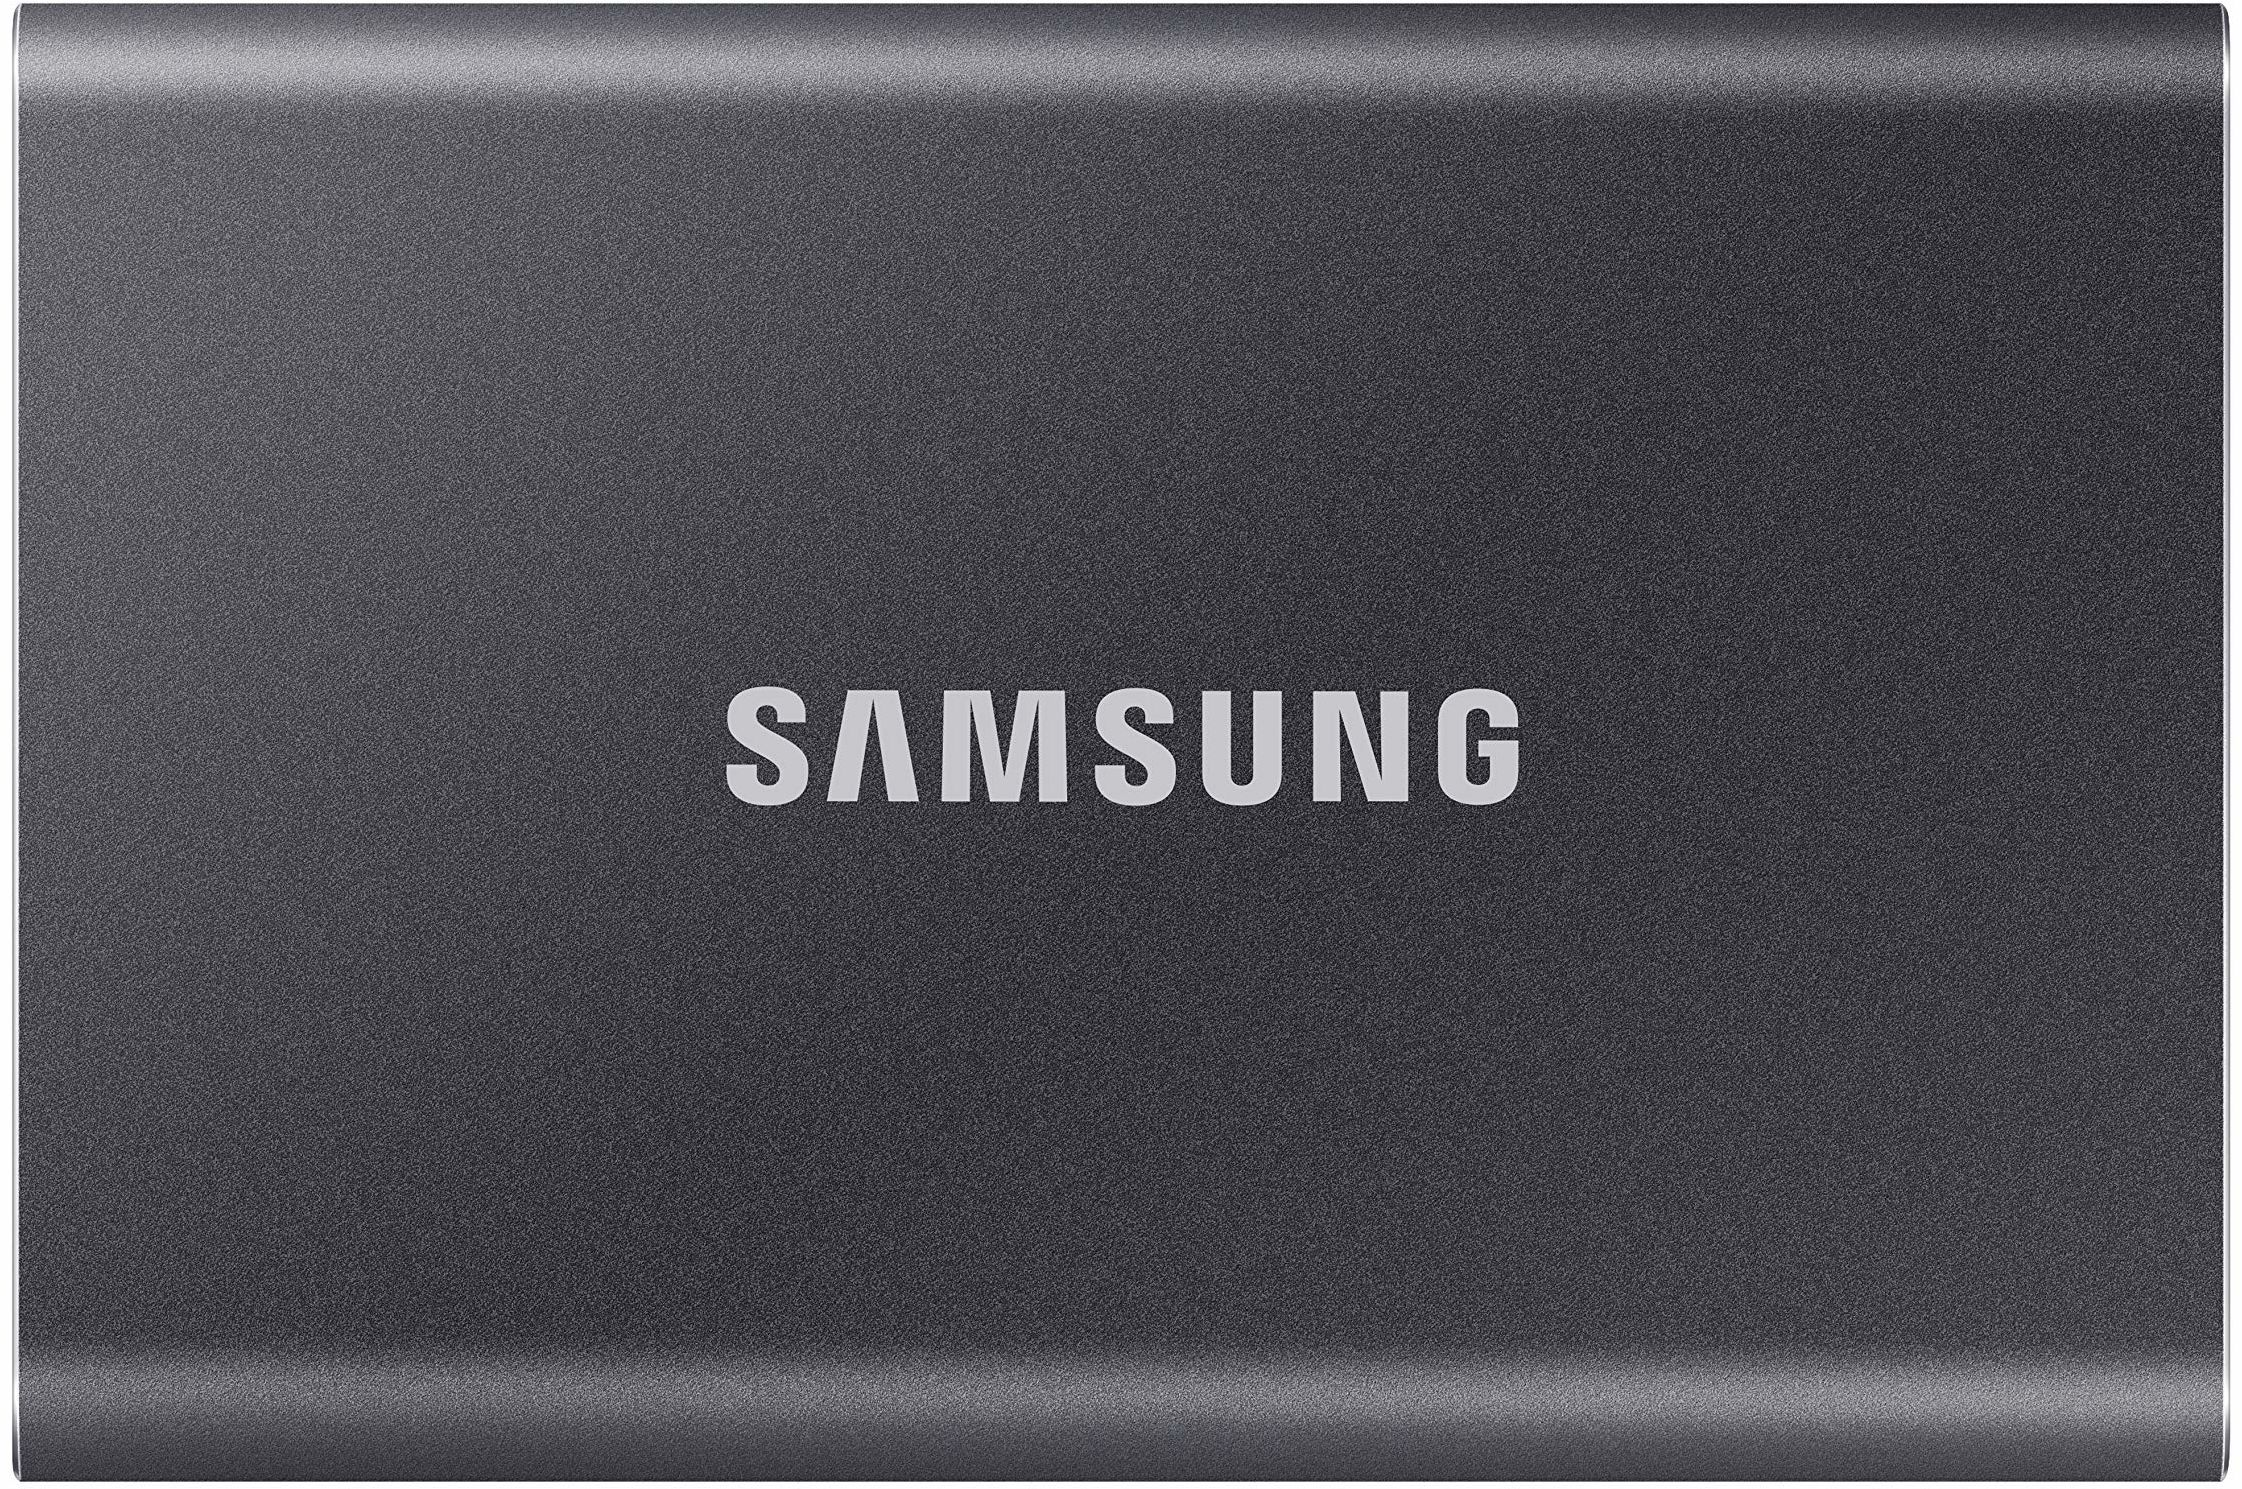 Samsung, T7 Zewnętrzny Dysk SSD, 1 TB, Szary (Titan Gray)